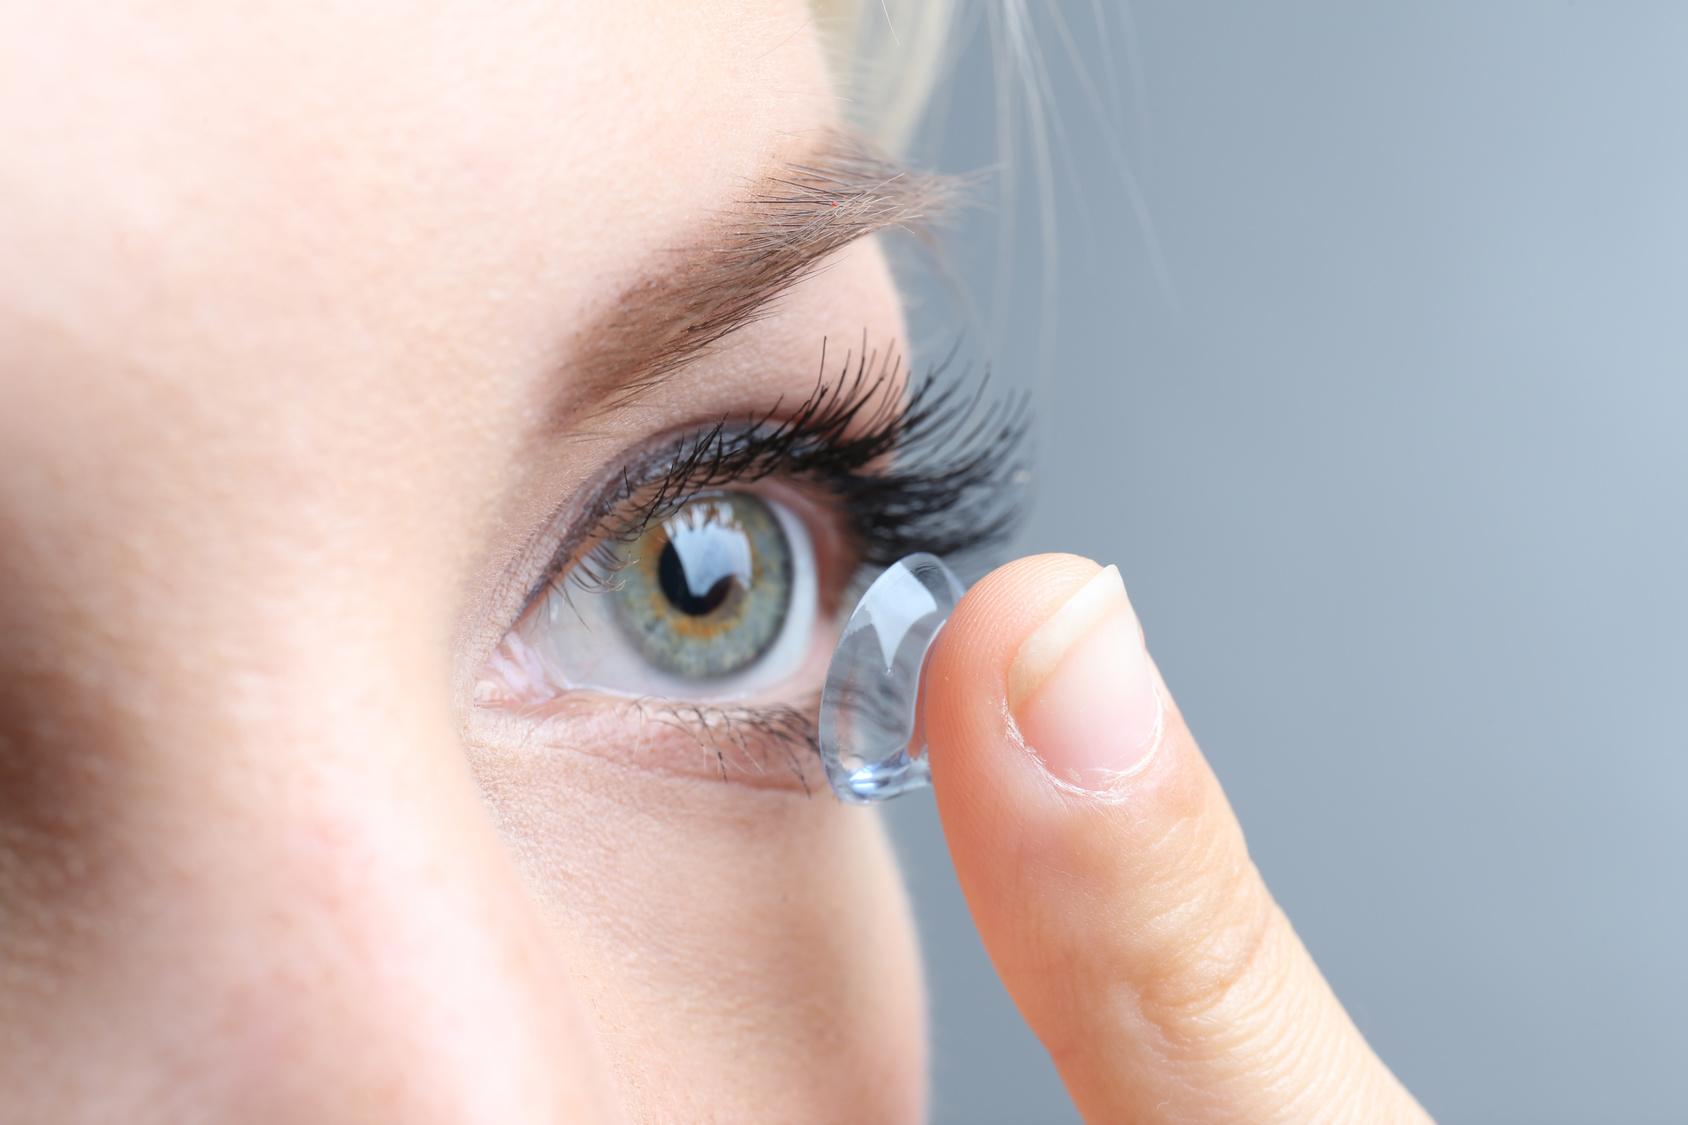 kontaktlinsen tragen